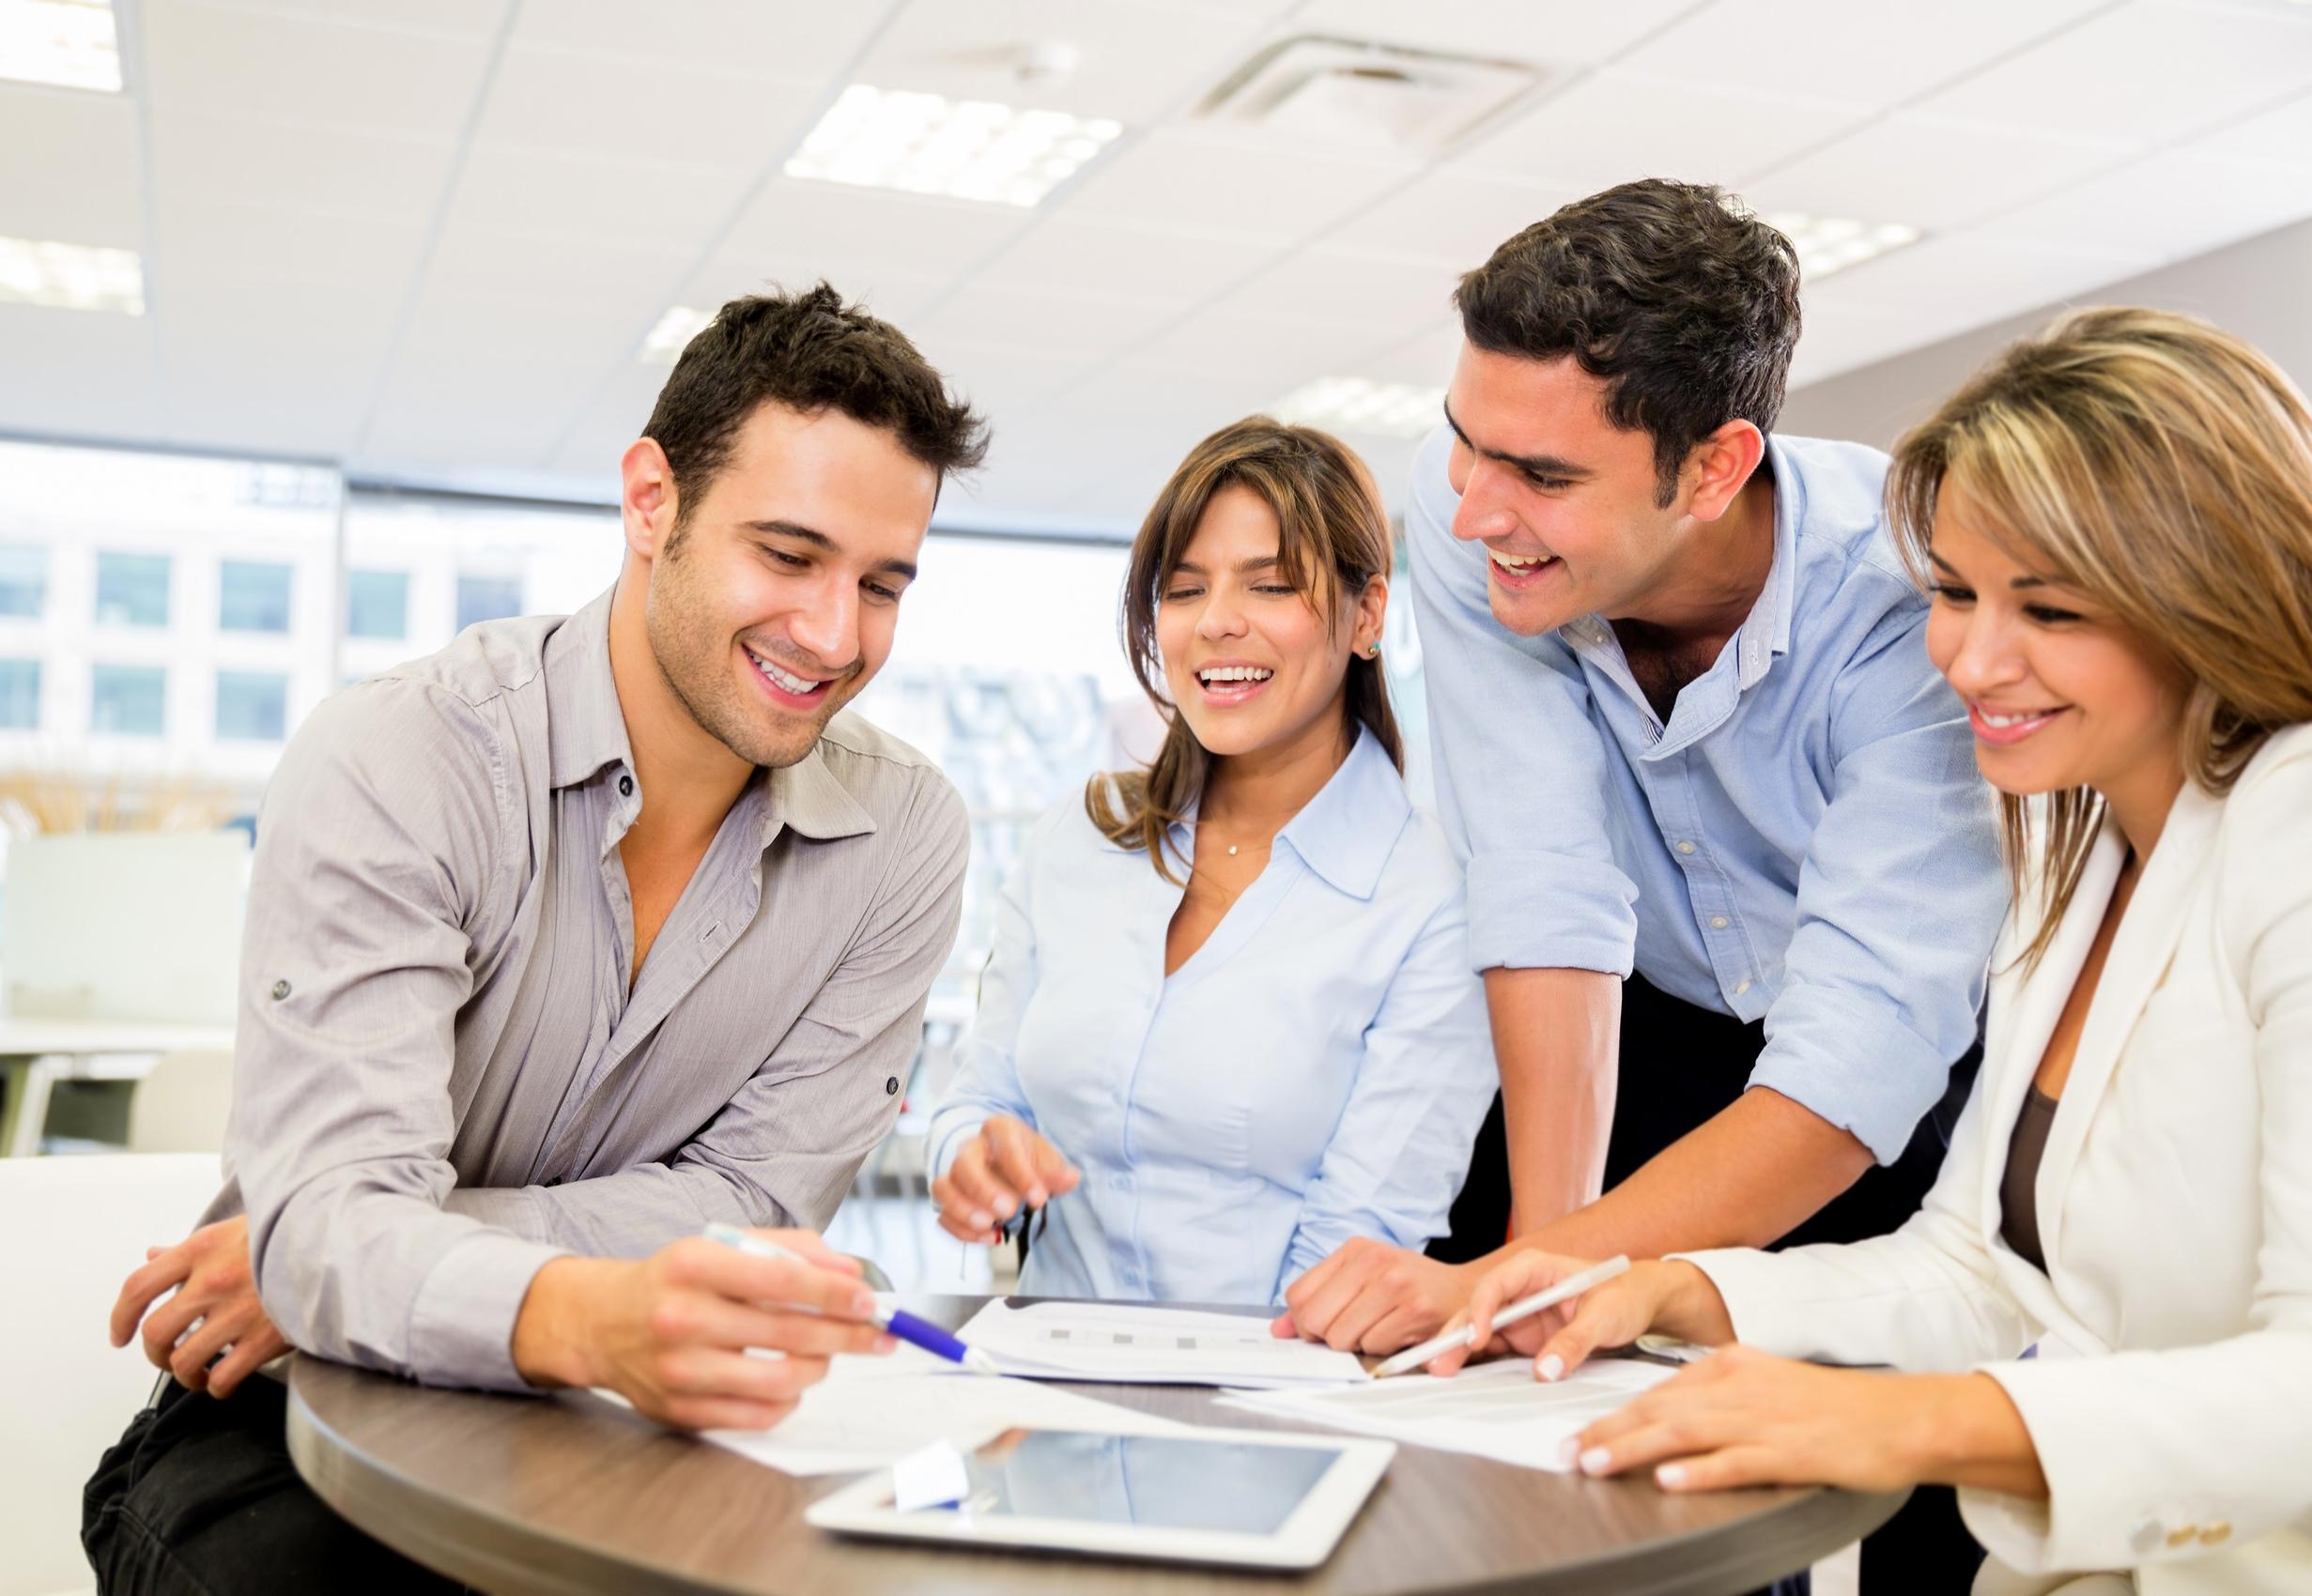 ייעוץ עסקי – ייעוץ ניהולי – לחברות ולעסקים משפחתיים